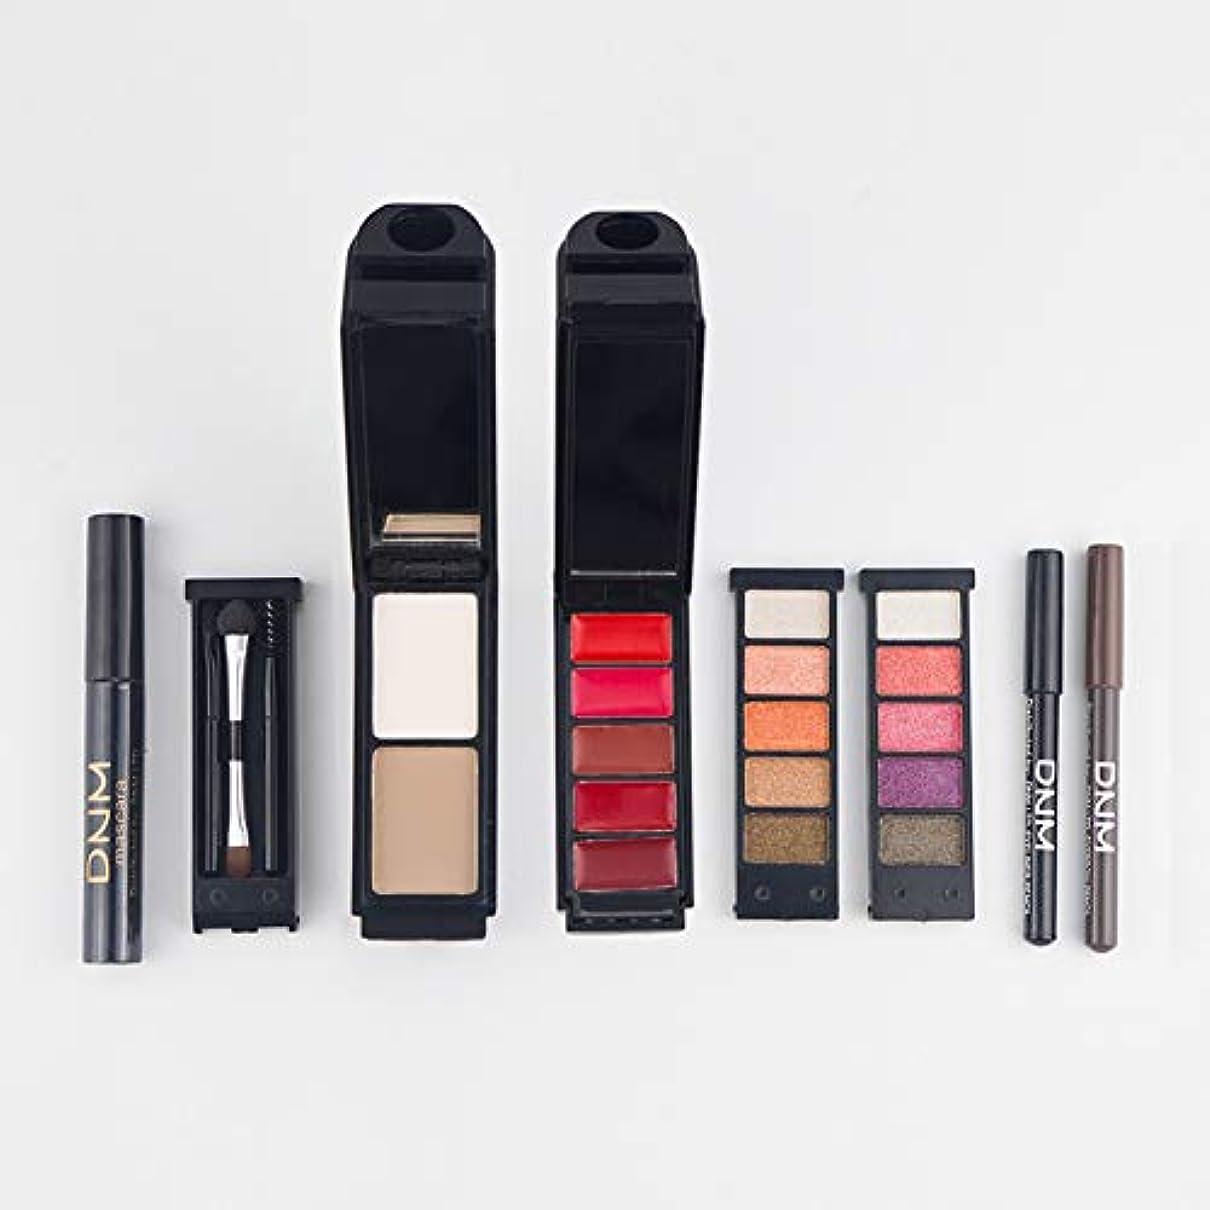 神ベーカリー偽装するRabugogo 8個/セット女性の化粧品セット口紅+コンシーラー+アイシャドー+アイライナー+マスカラ+アイブロウペンシル